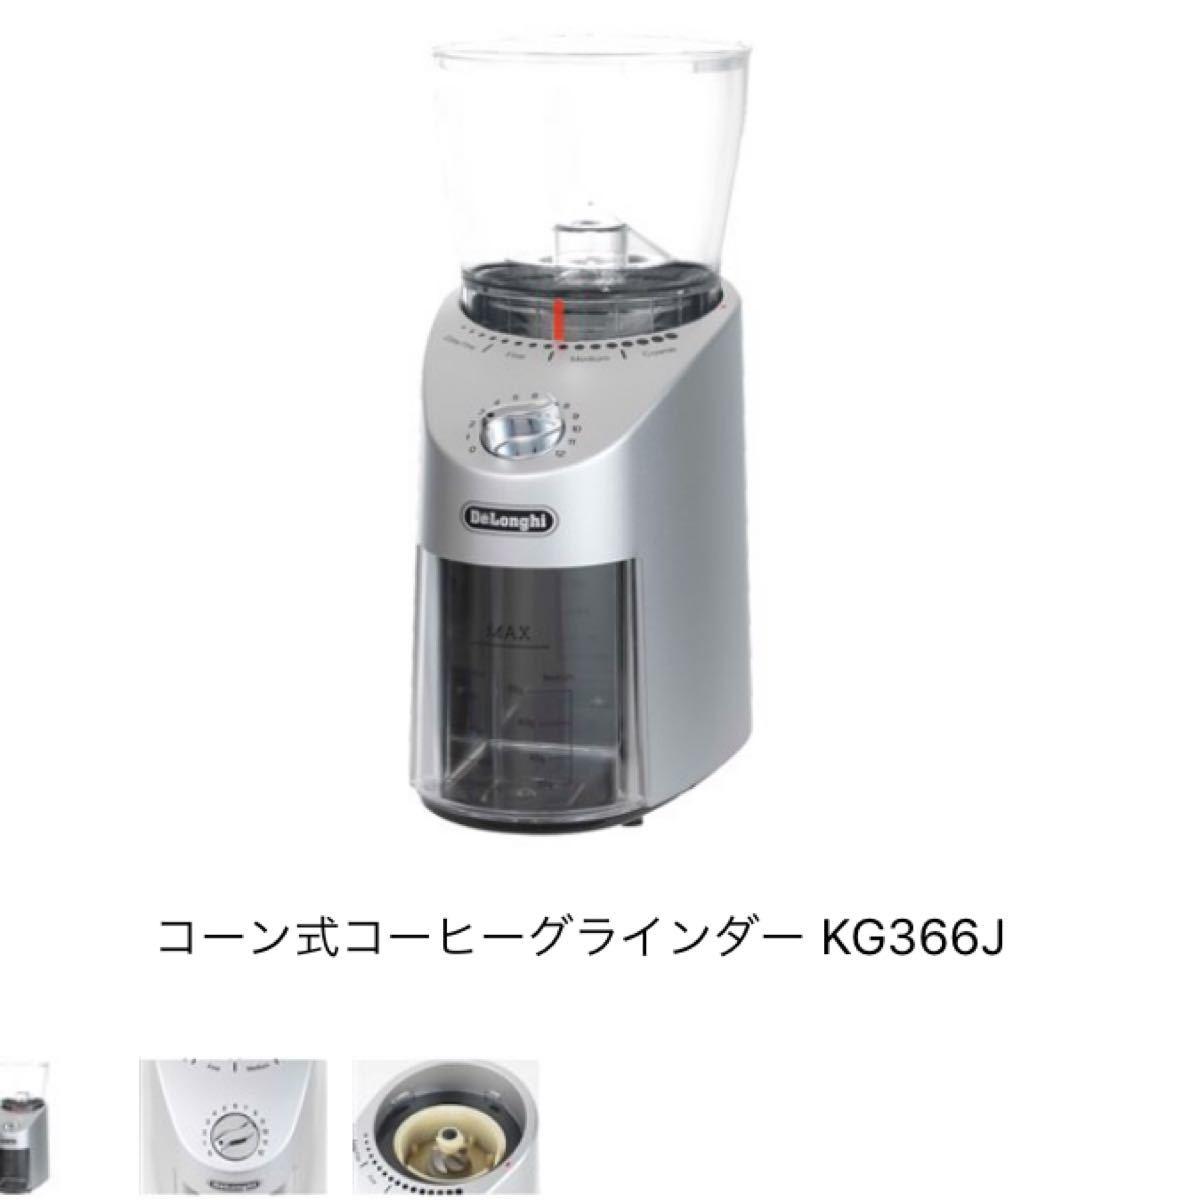 デロンギ  コーン式コーヒーグラインダー シルバー  DeLonghi